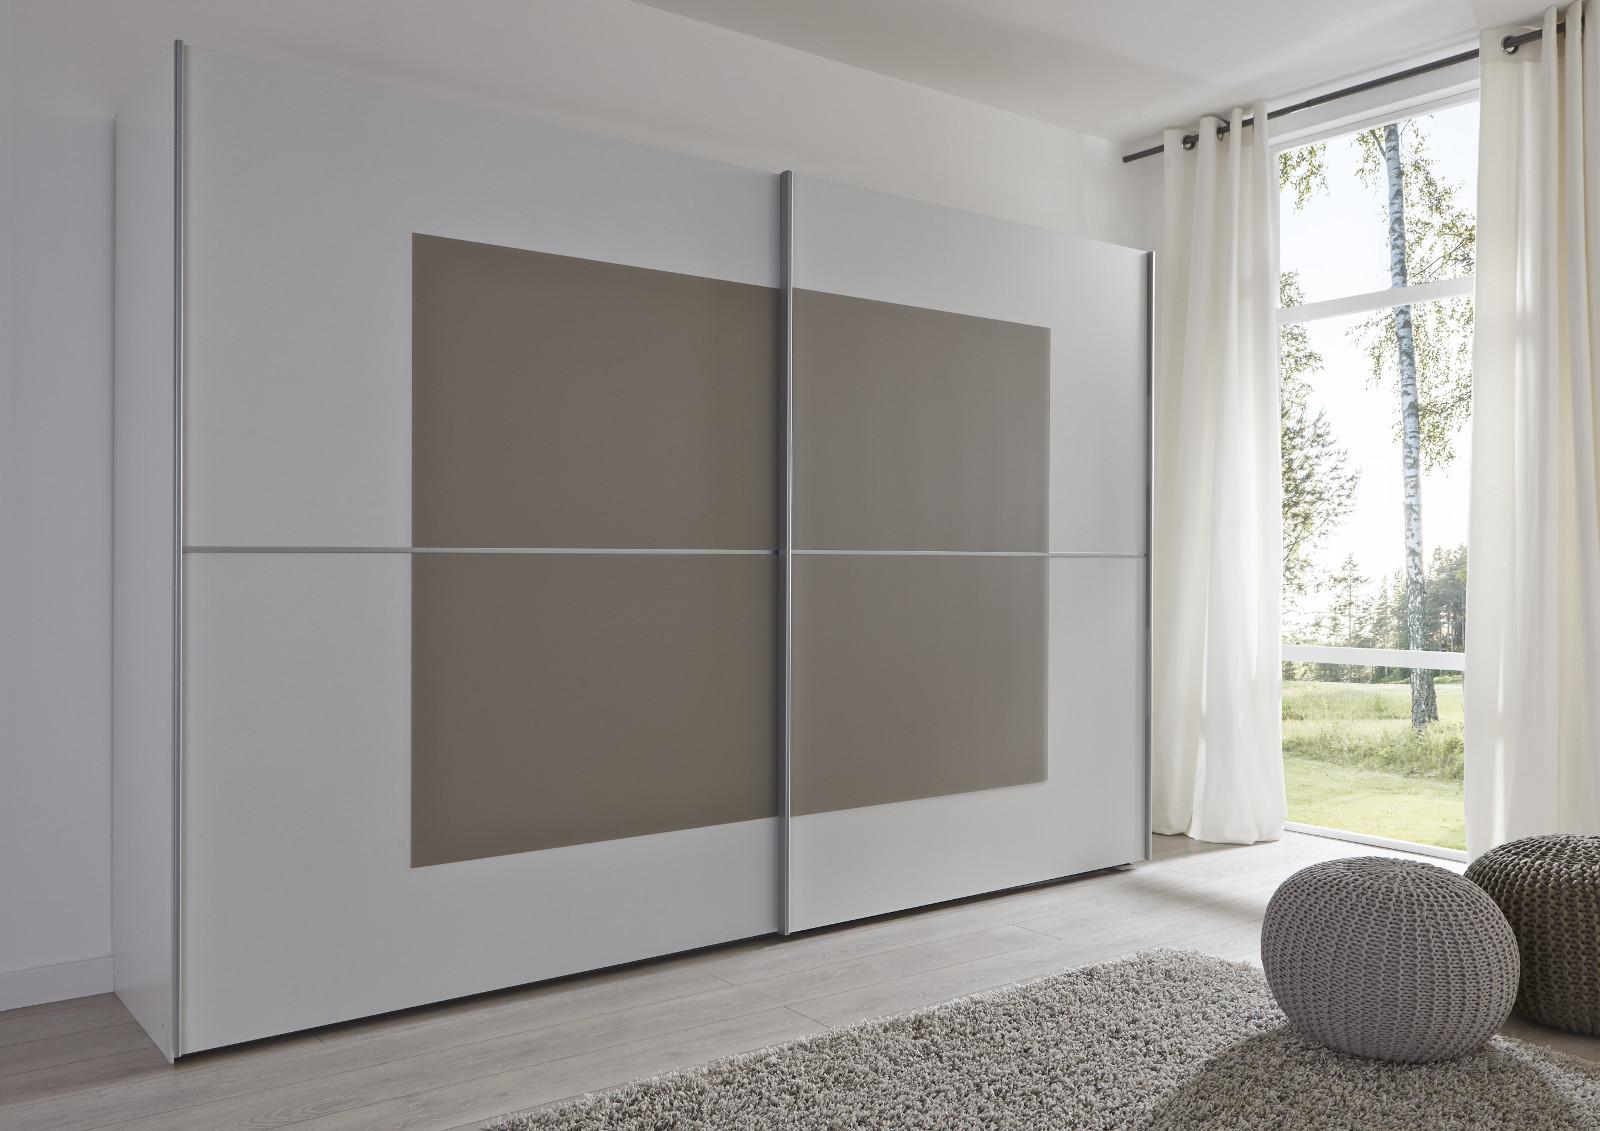 Schwebeturenschrank Kleiderschrank Dekor Weiss Mit Glas Sandfarben Breite 301 Cm